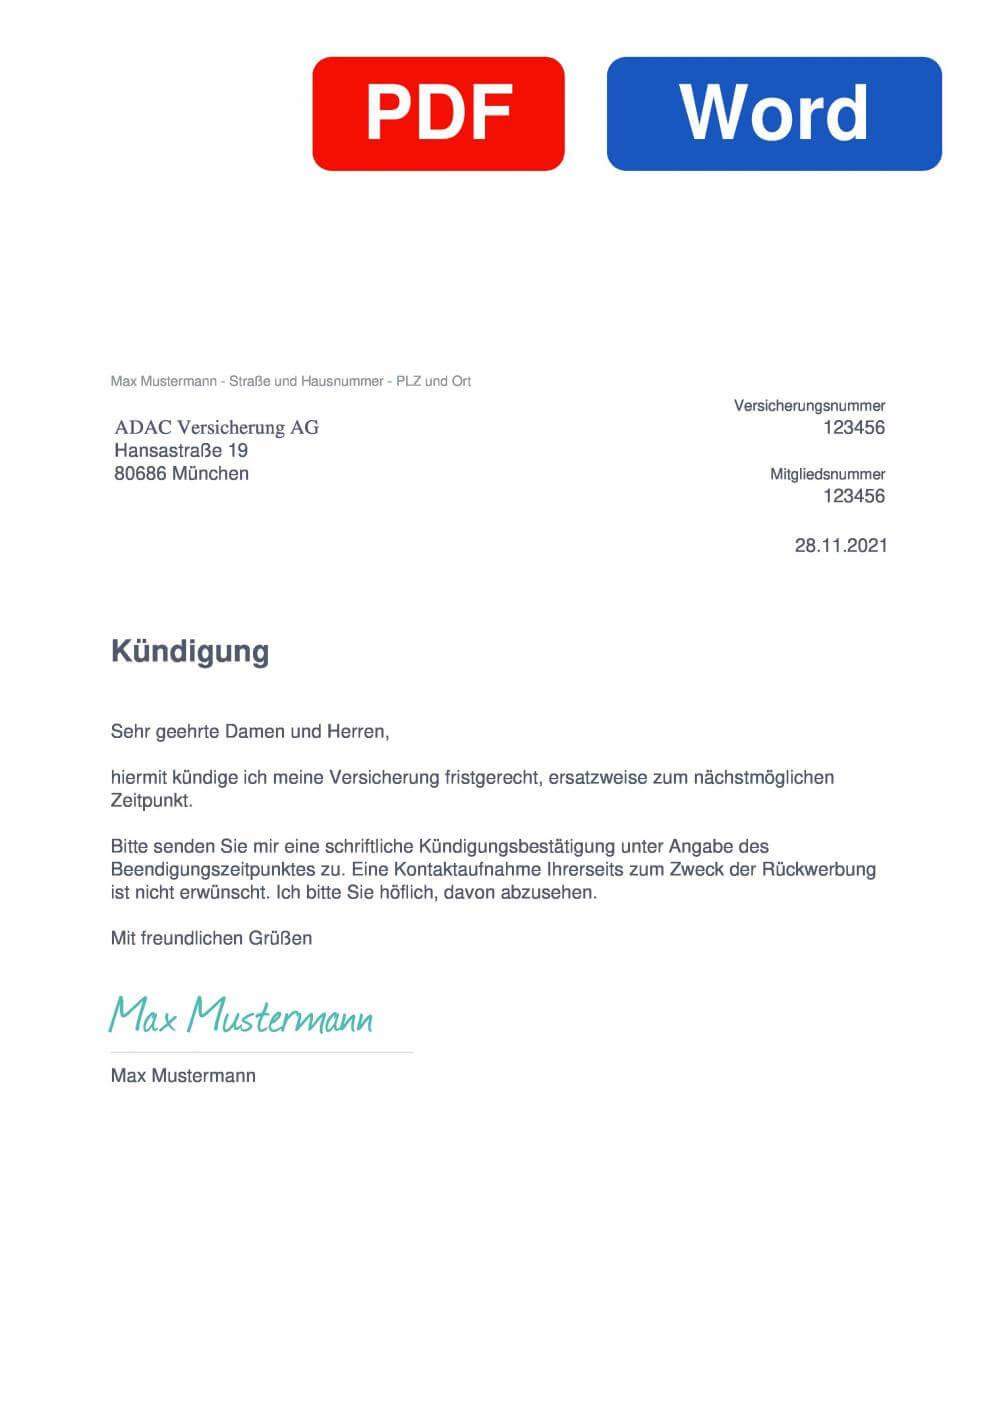 ADAC Schutzbrief Muster Vorlage für Kündigungsschreiben